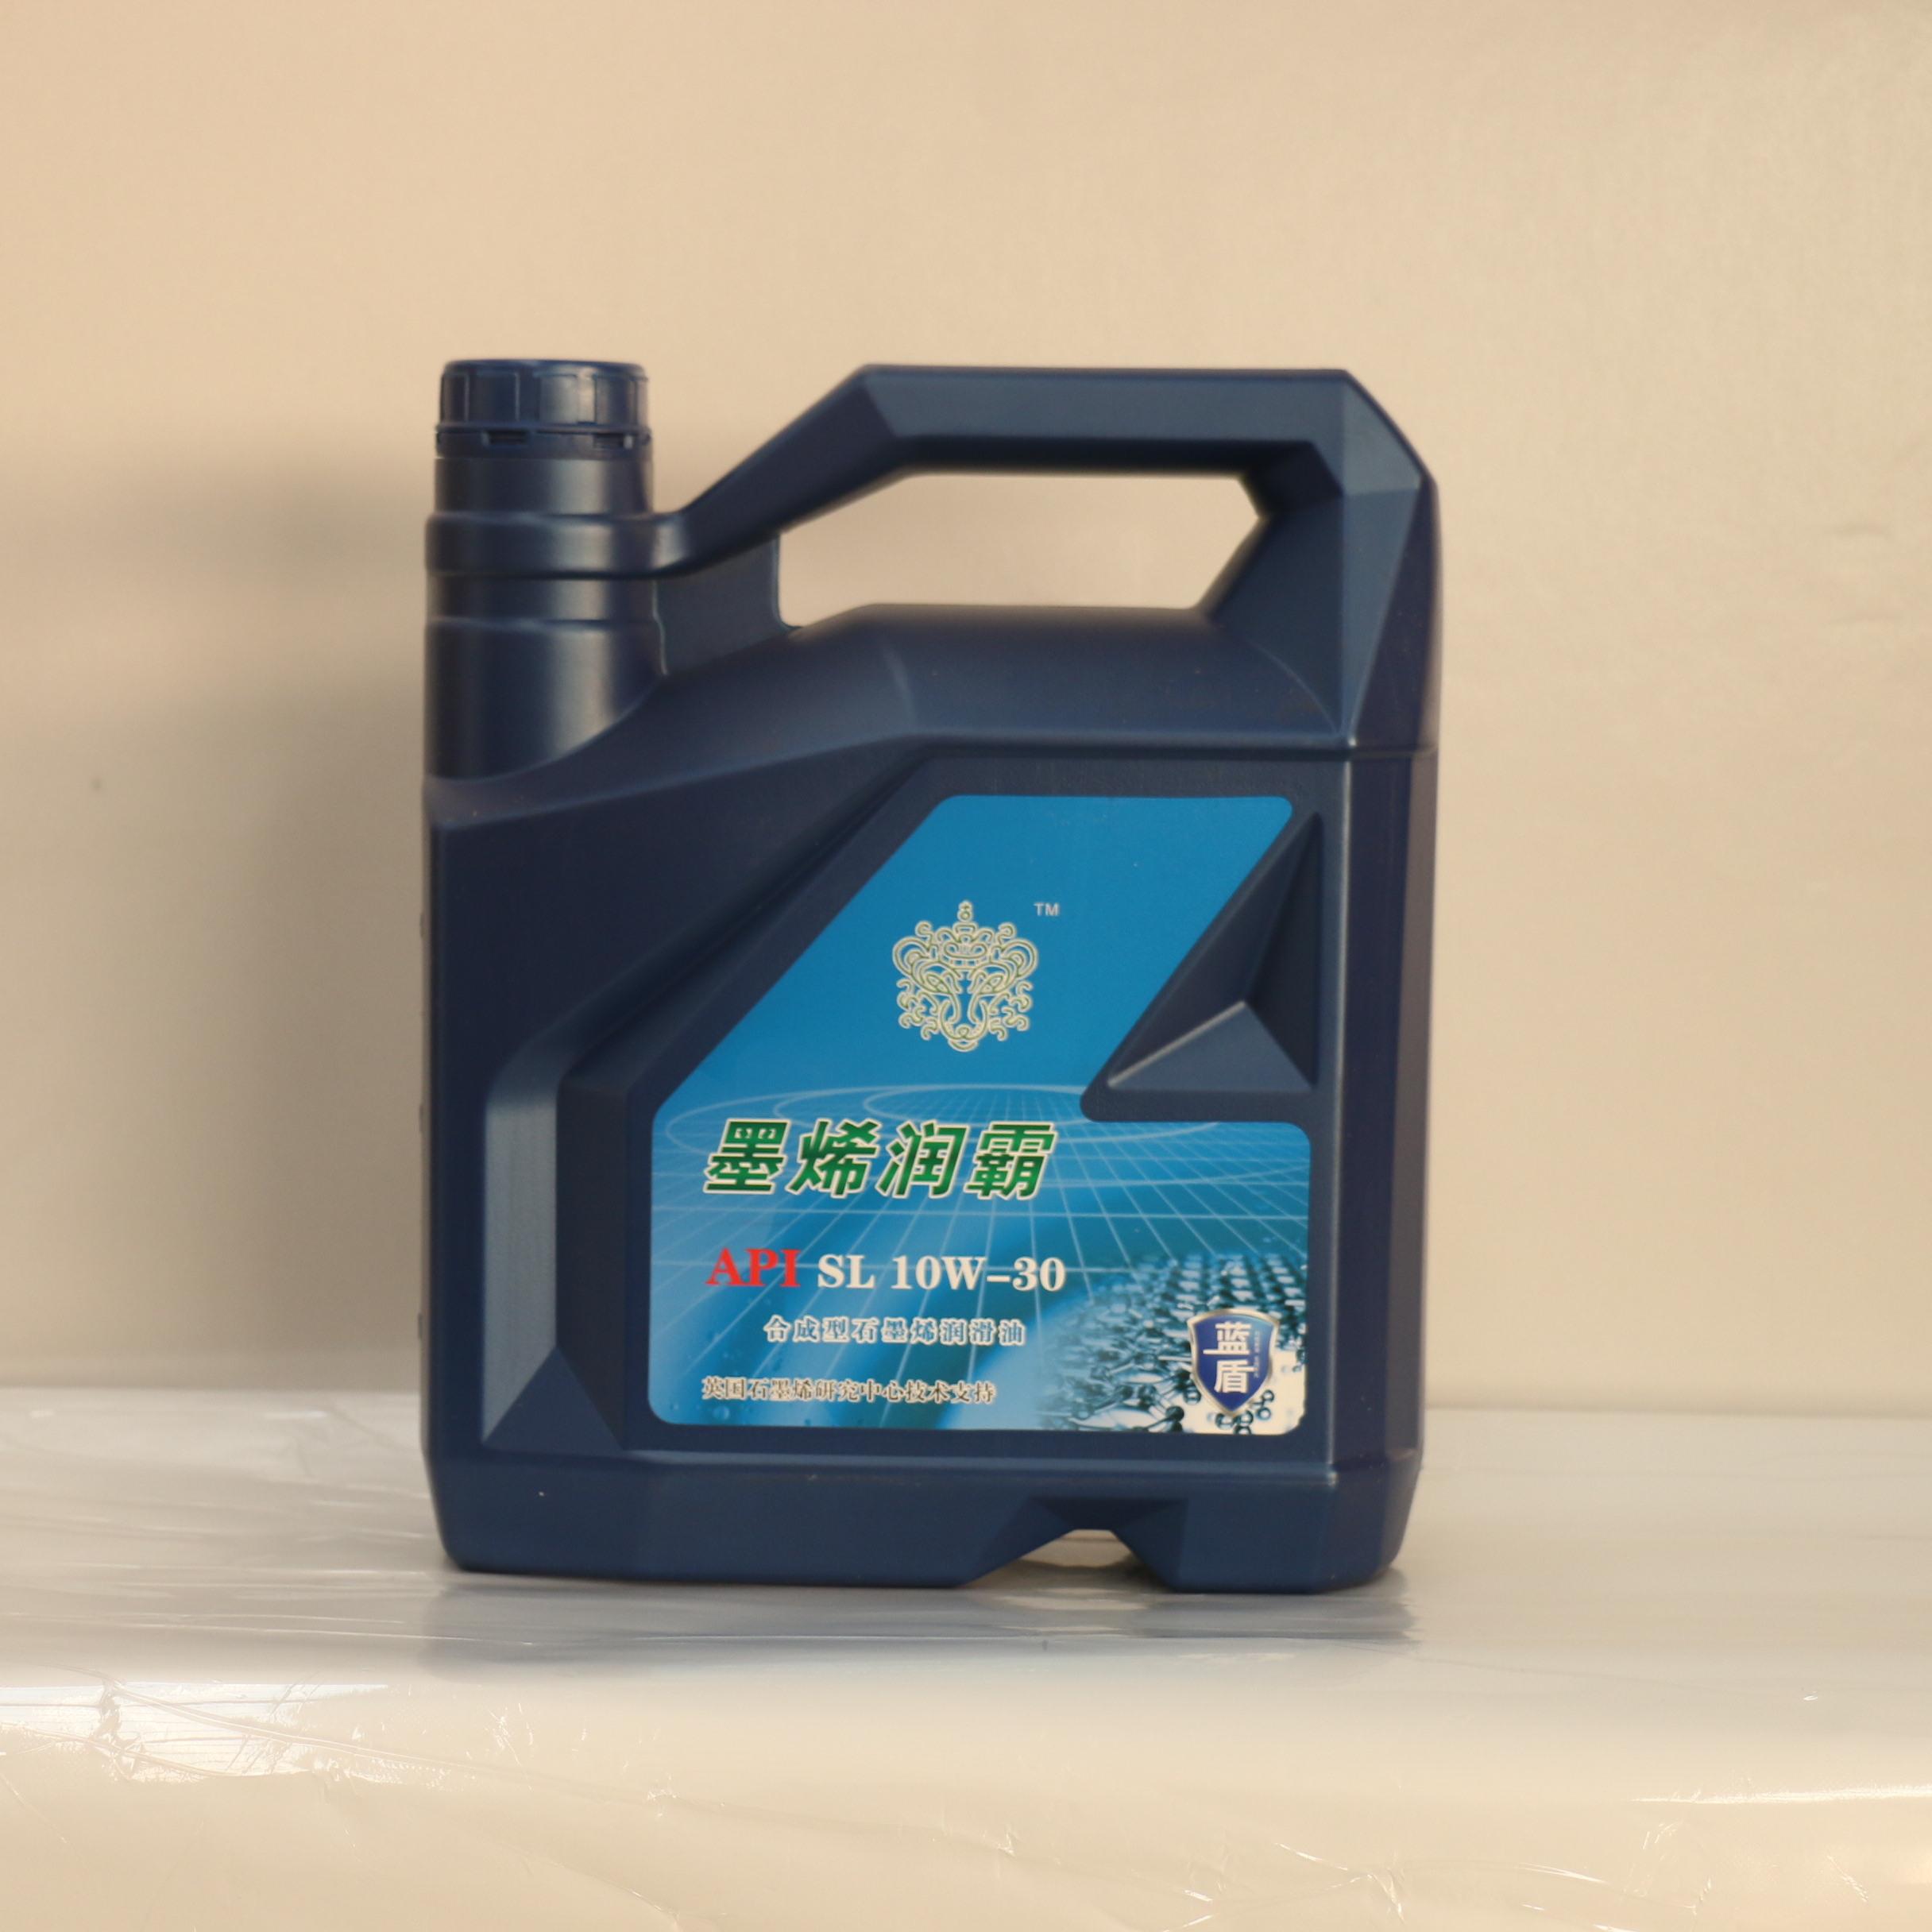 墨烯润霸 SL蓝盾 10W-30 汽车润滑油 节能减排 降低油耗 有效保护发动机